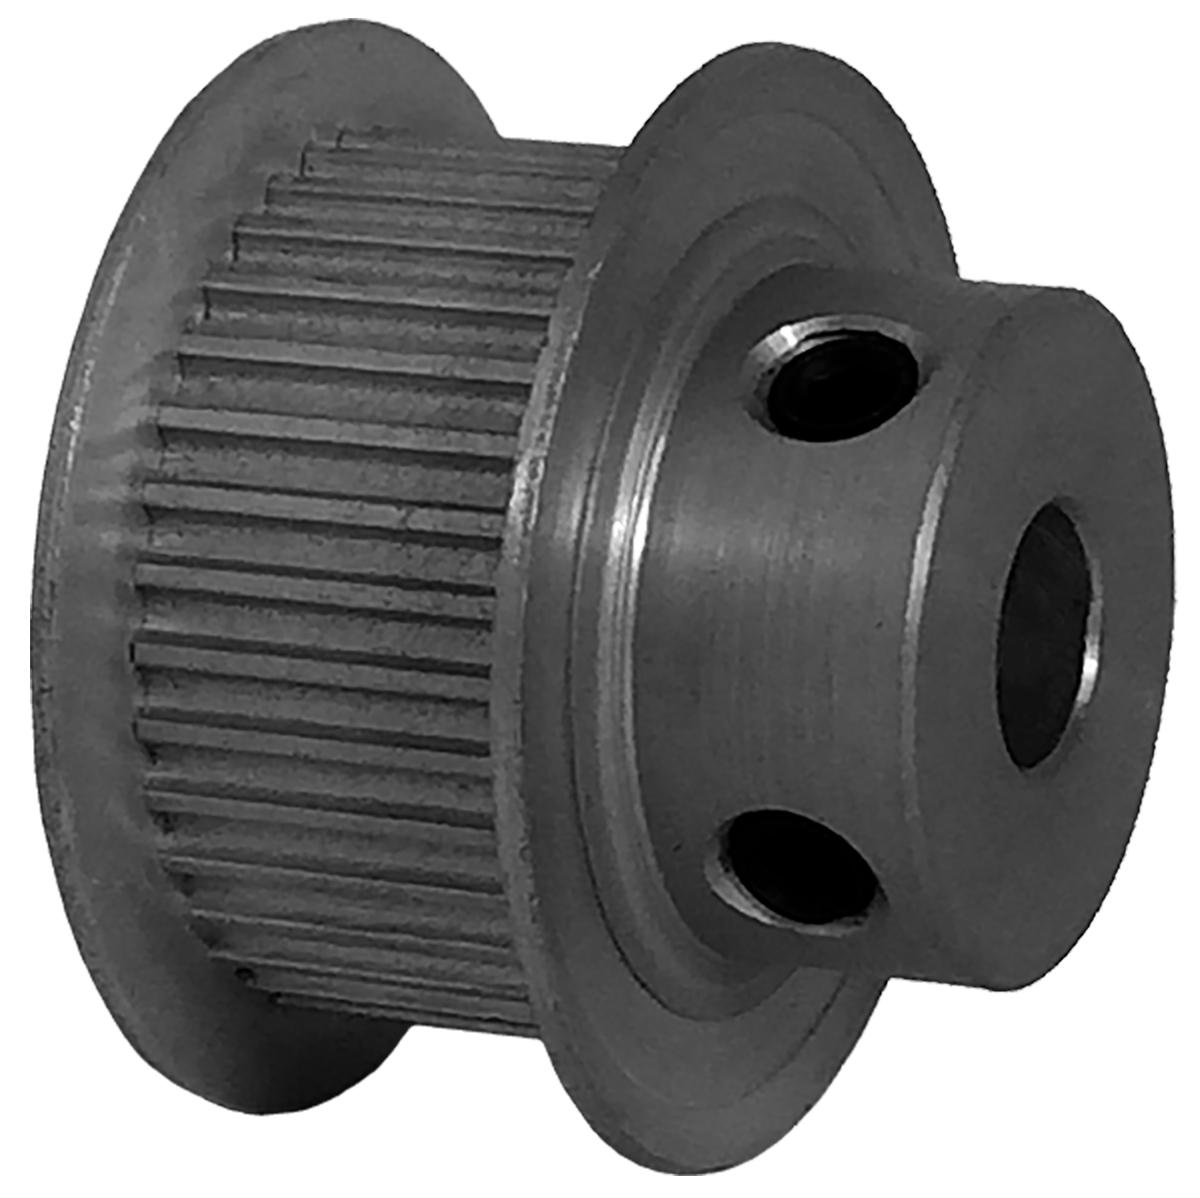 36-2P09-6FA3 - Aluminum Powerhouse® Pulleys